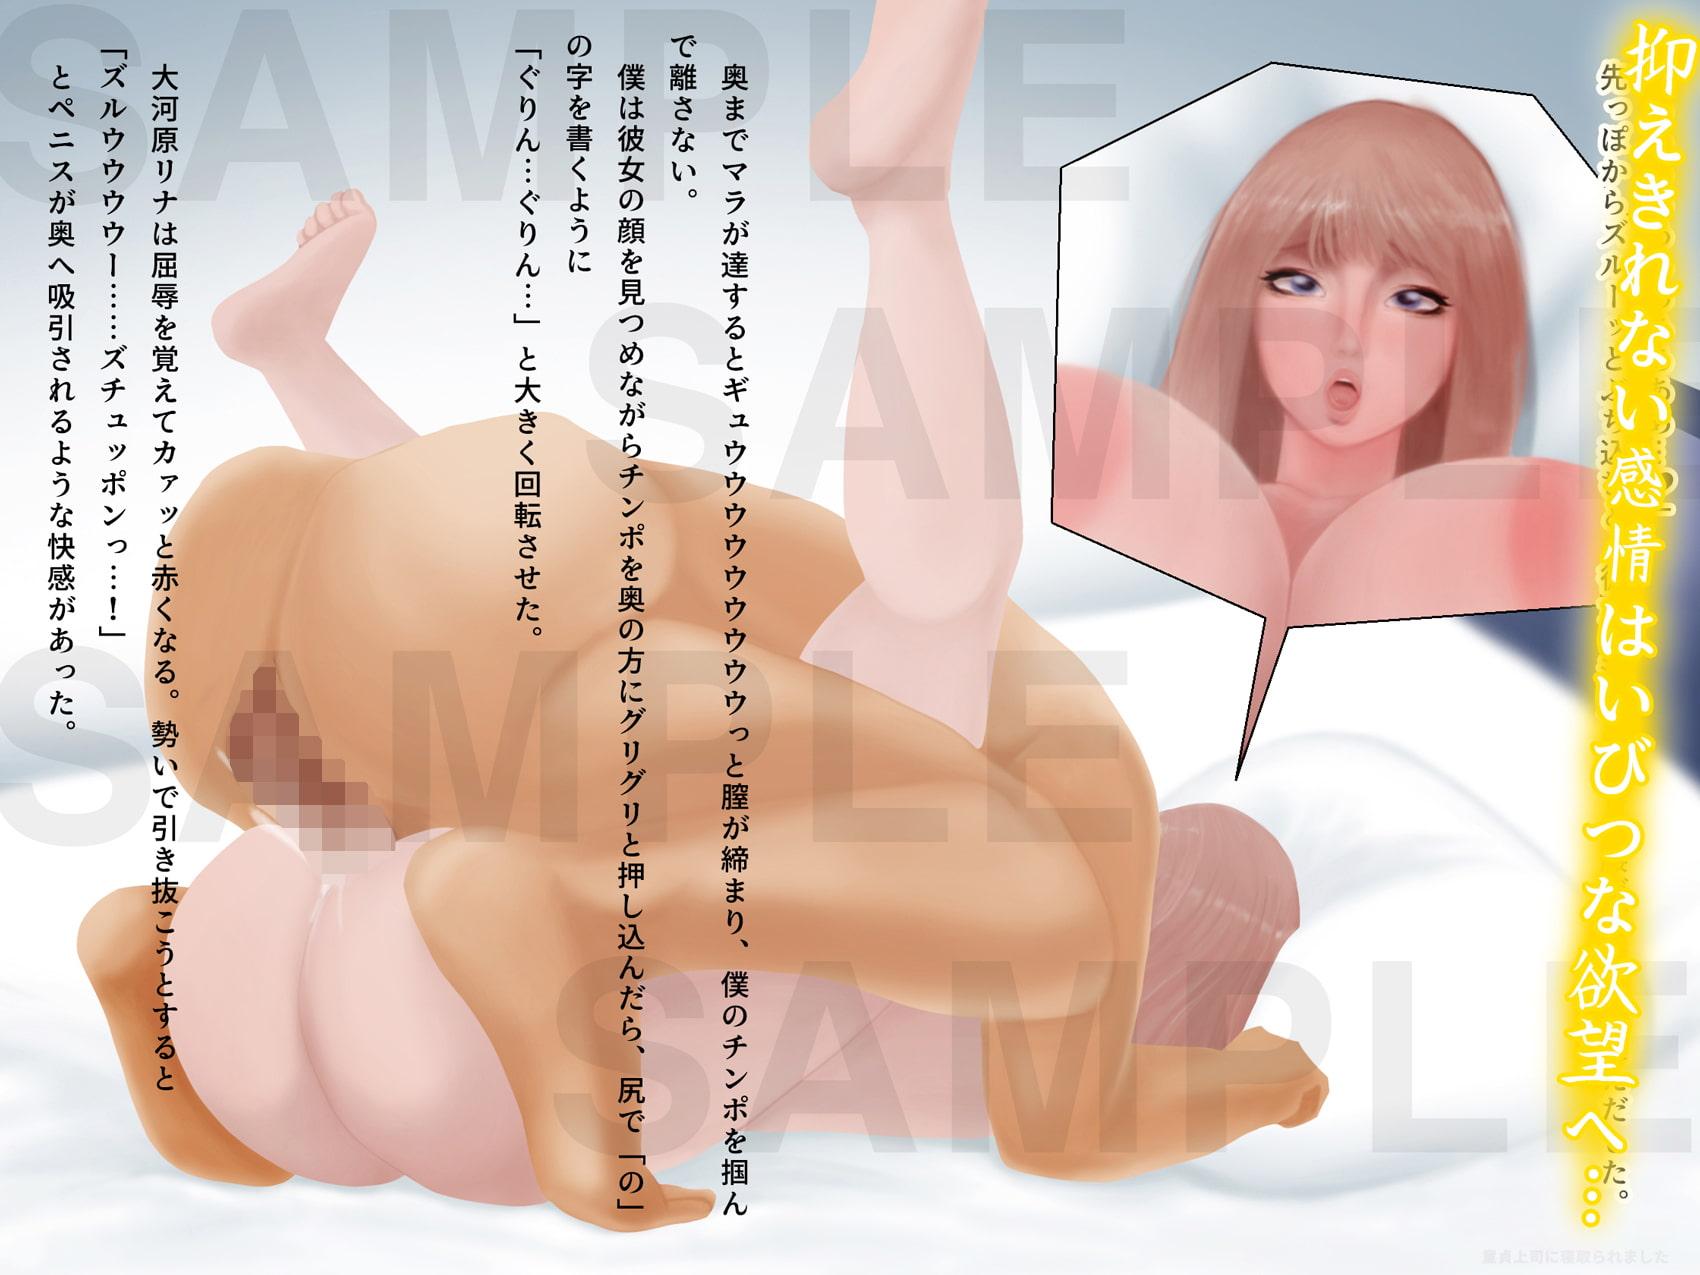 RJ342845 童貞上司に寝取られました [20210918]